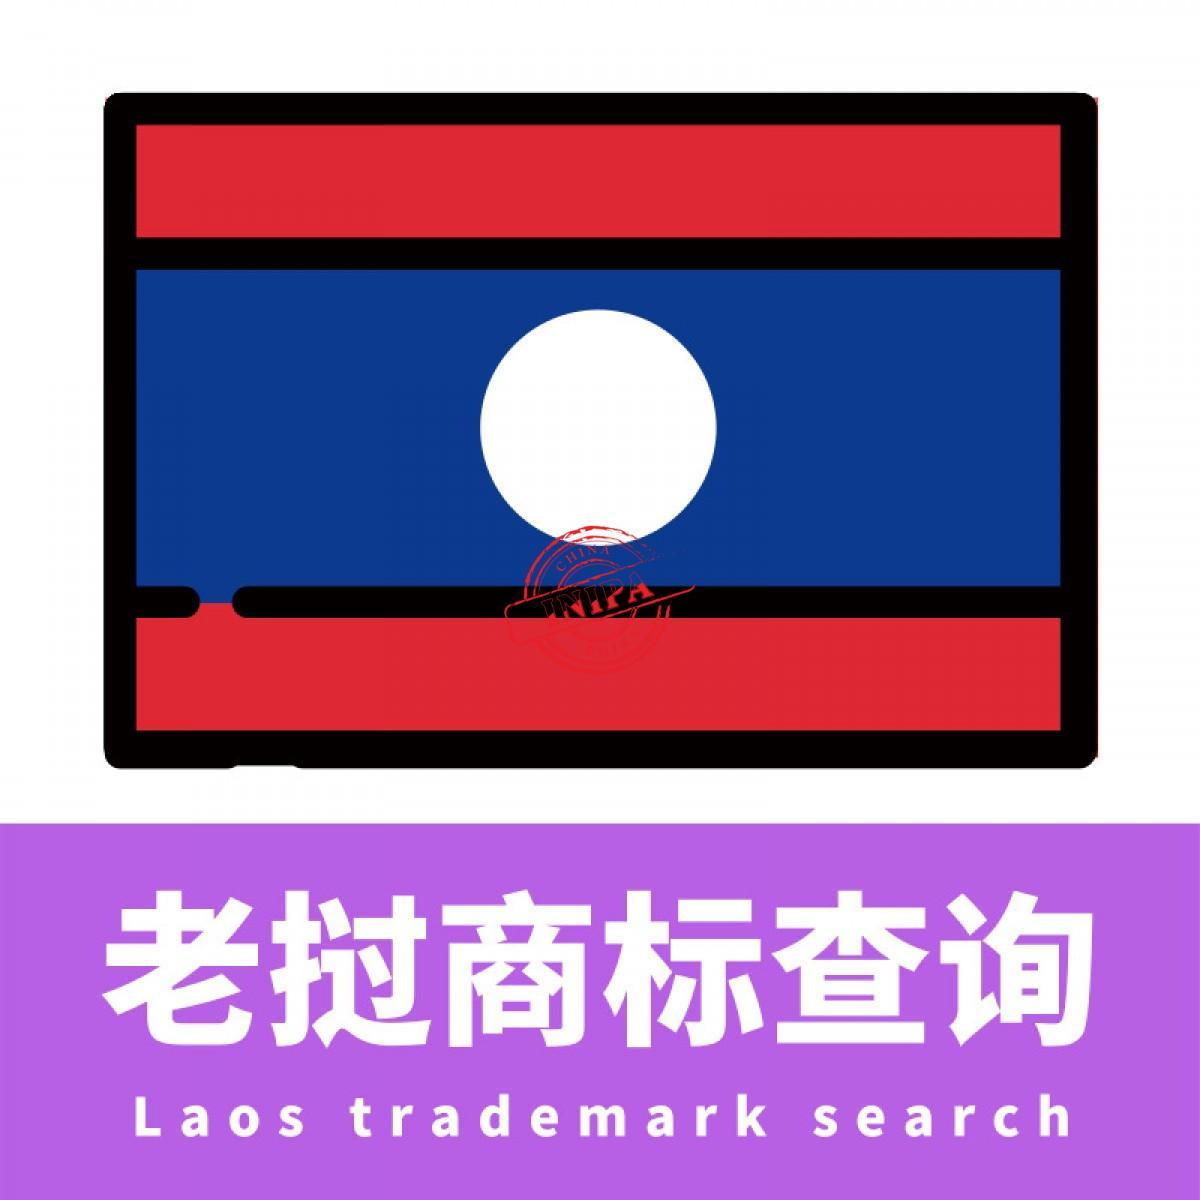 老挝商标查询/Laos trademark search